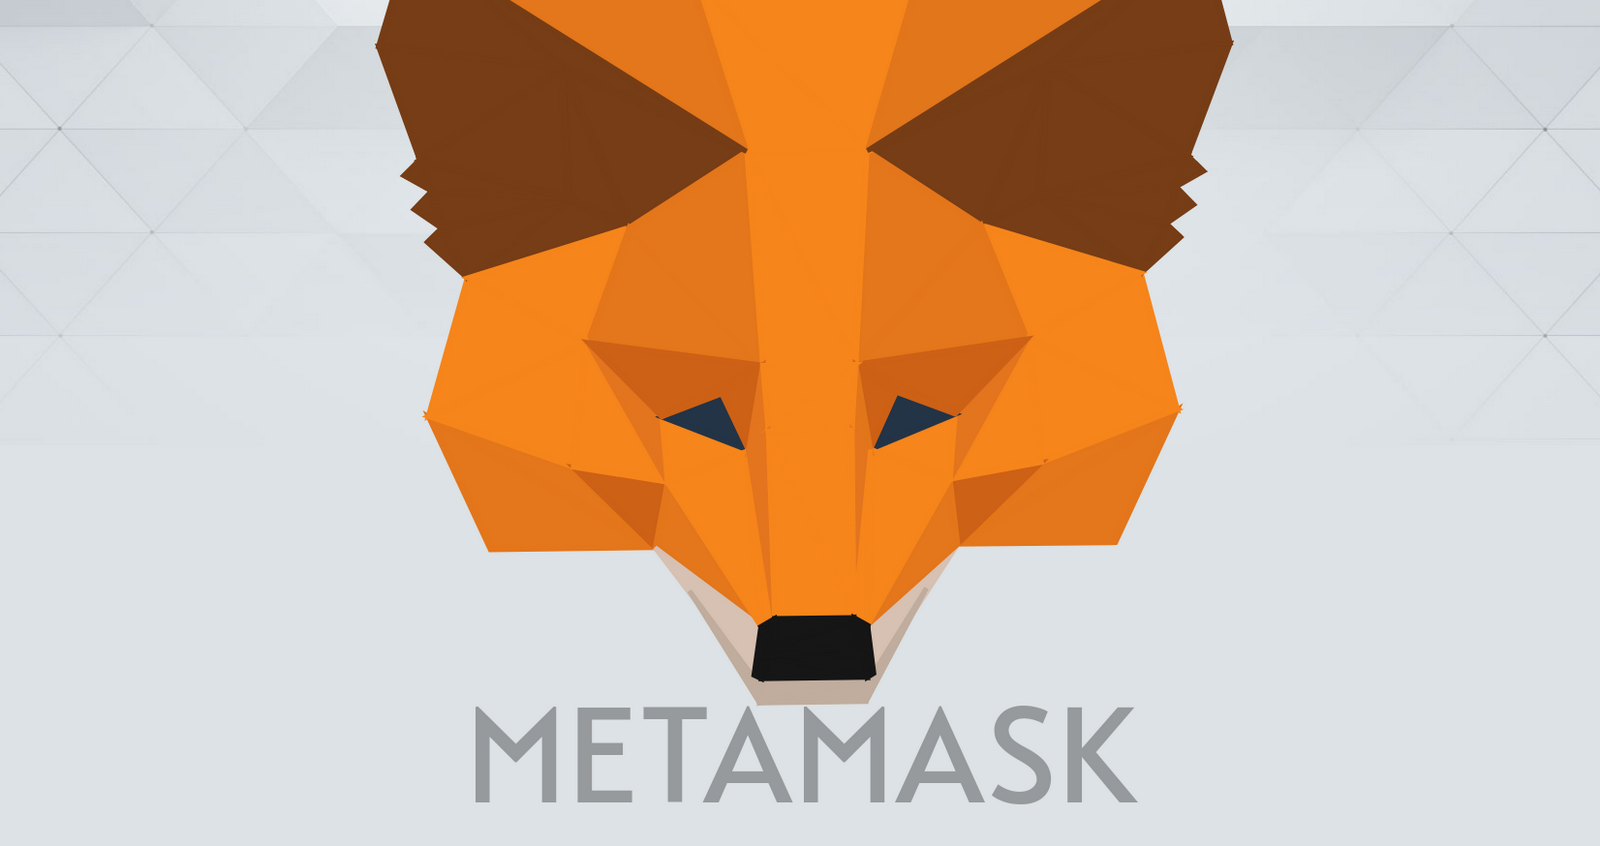 Из Chrome Web Store случайно удалили настоящее расширение кошелька Metamask вместо фейкового